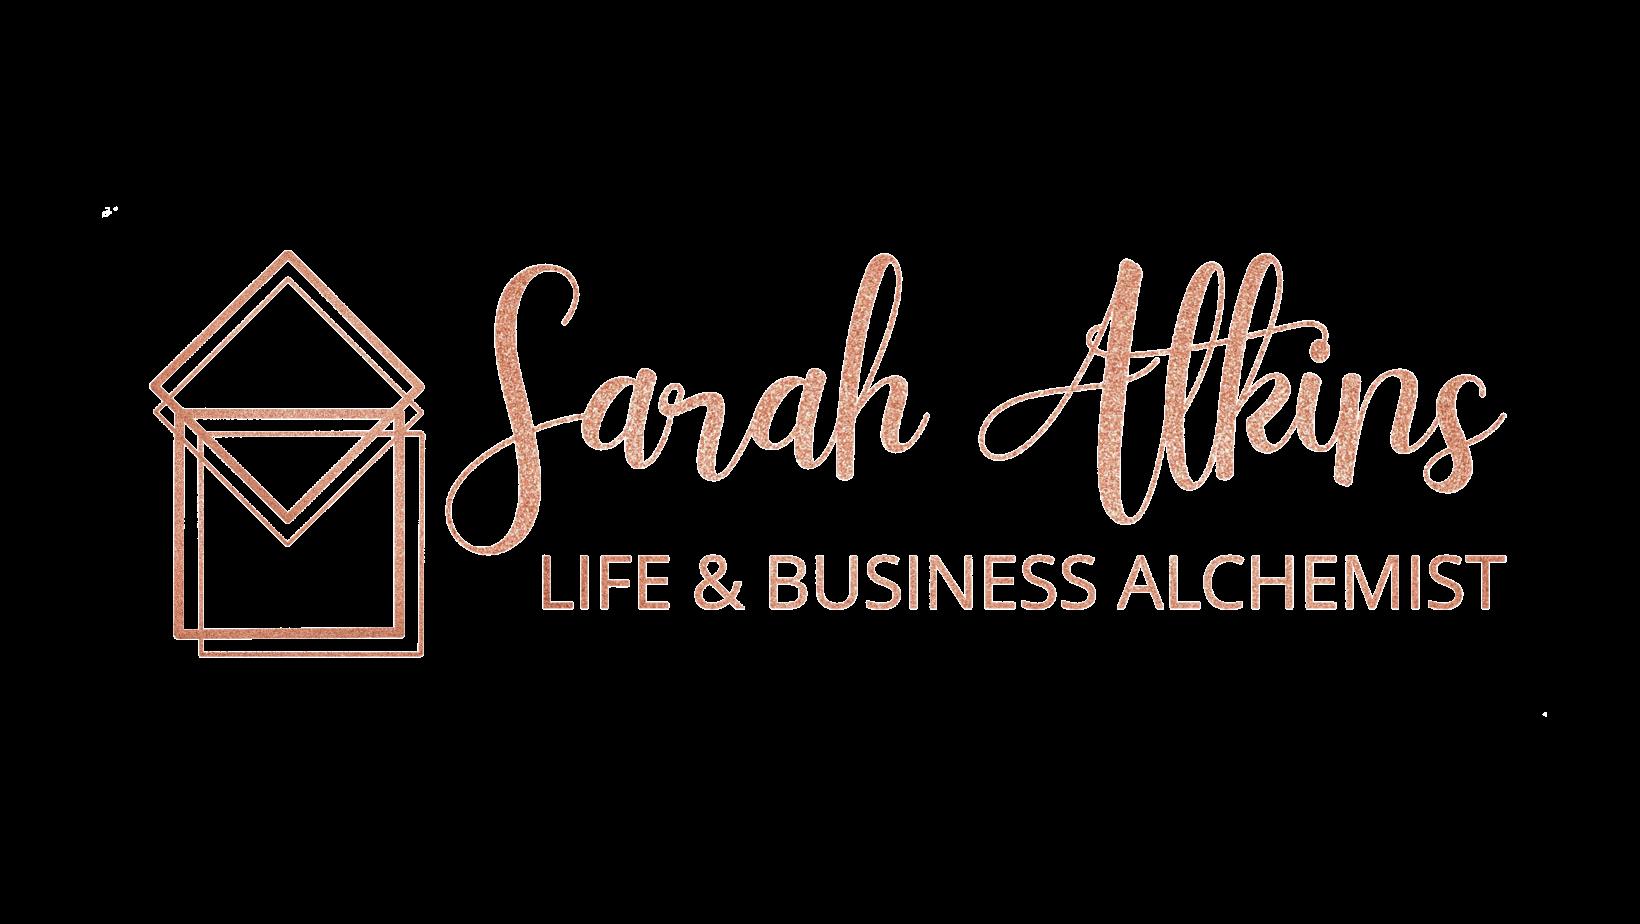 Sarah Atkins Design